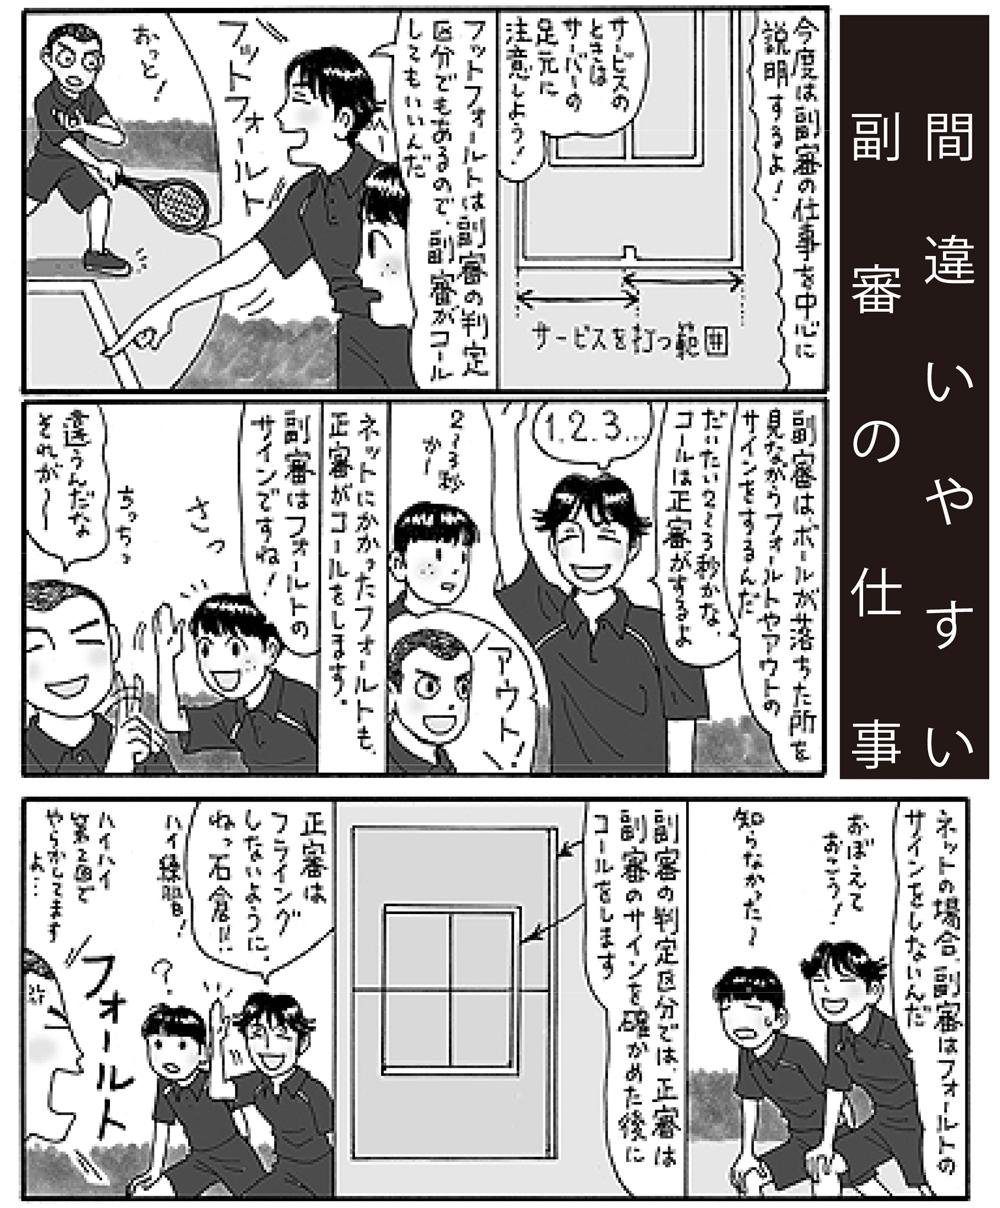 審判技術_cs2